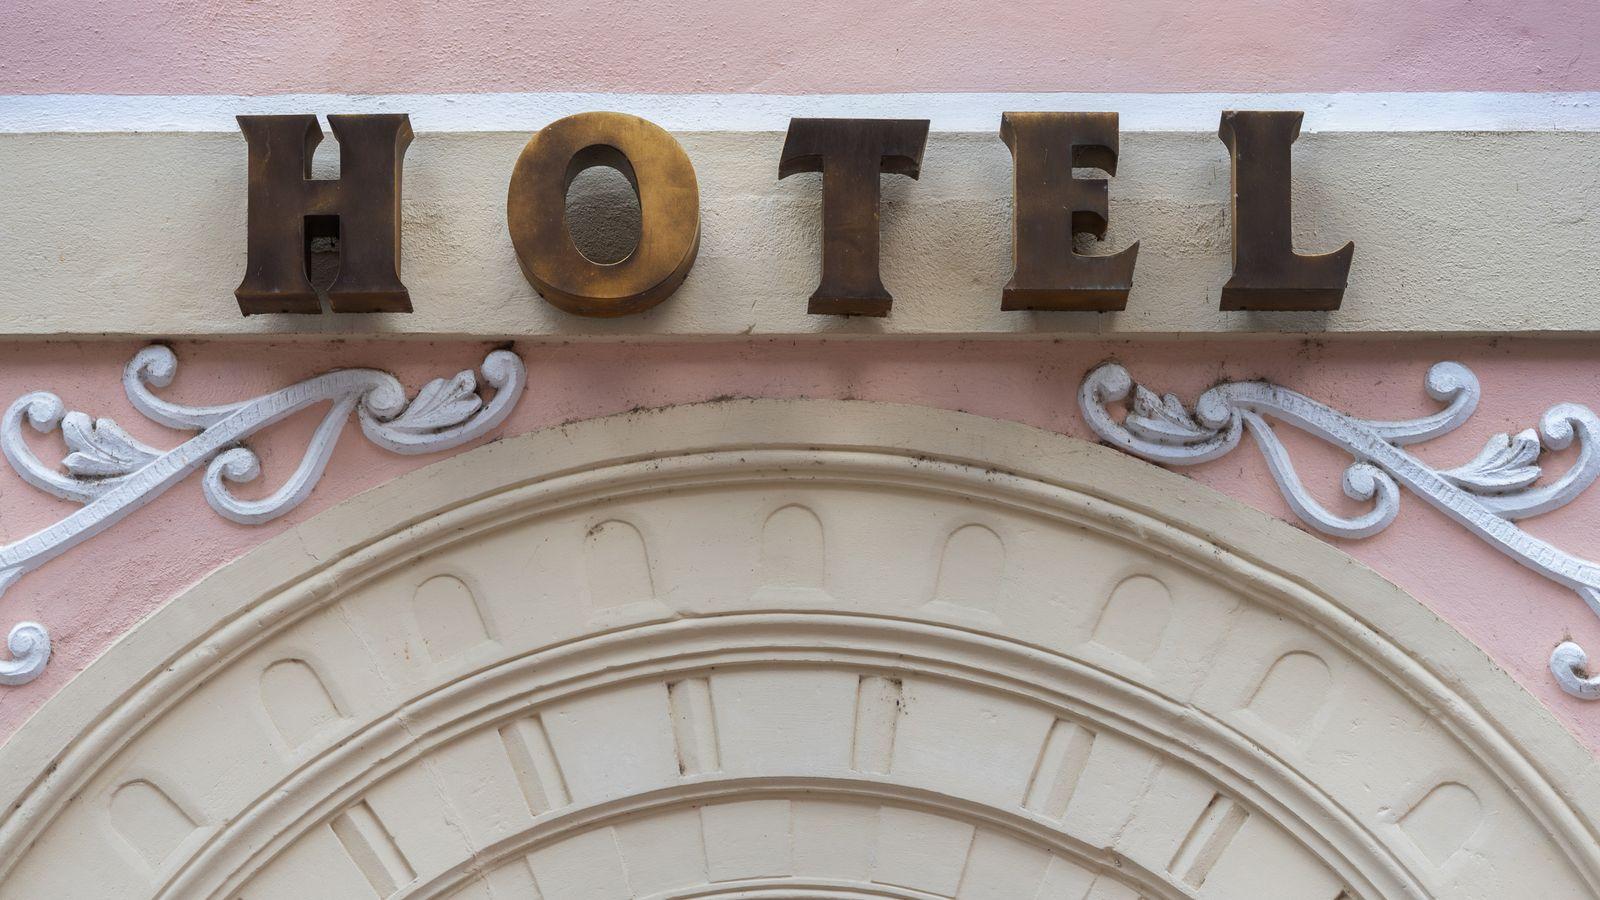 Betrügerpärchen prellt Hotel um mehrere tausend Euro